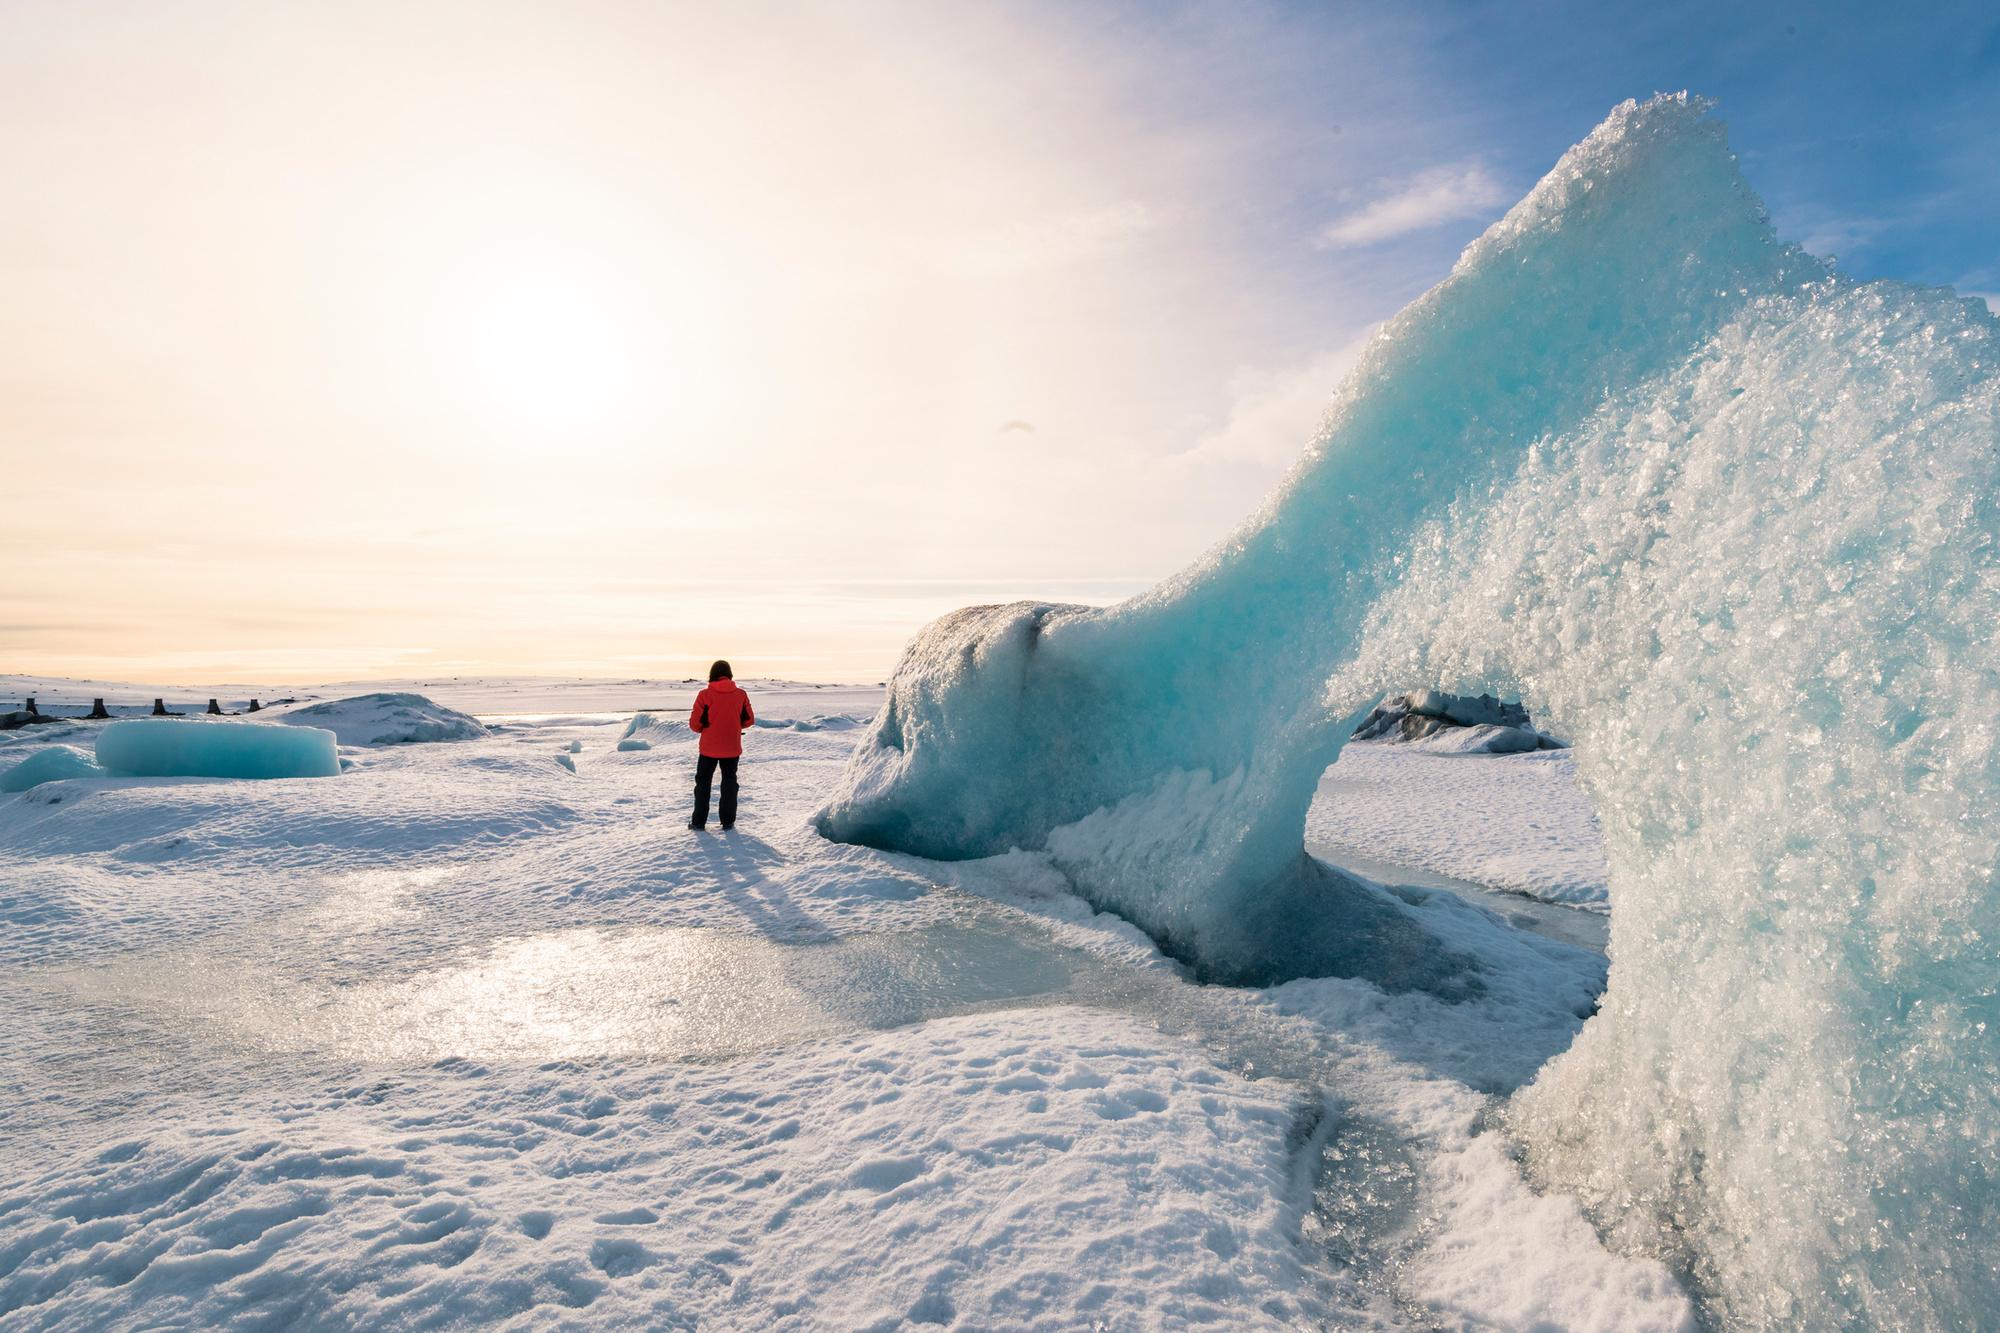 Toerist geniet van het uitzicht in het Vatnajökull Nationaal Park in IJsland, Getty